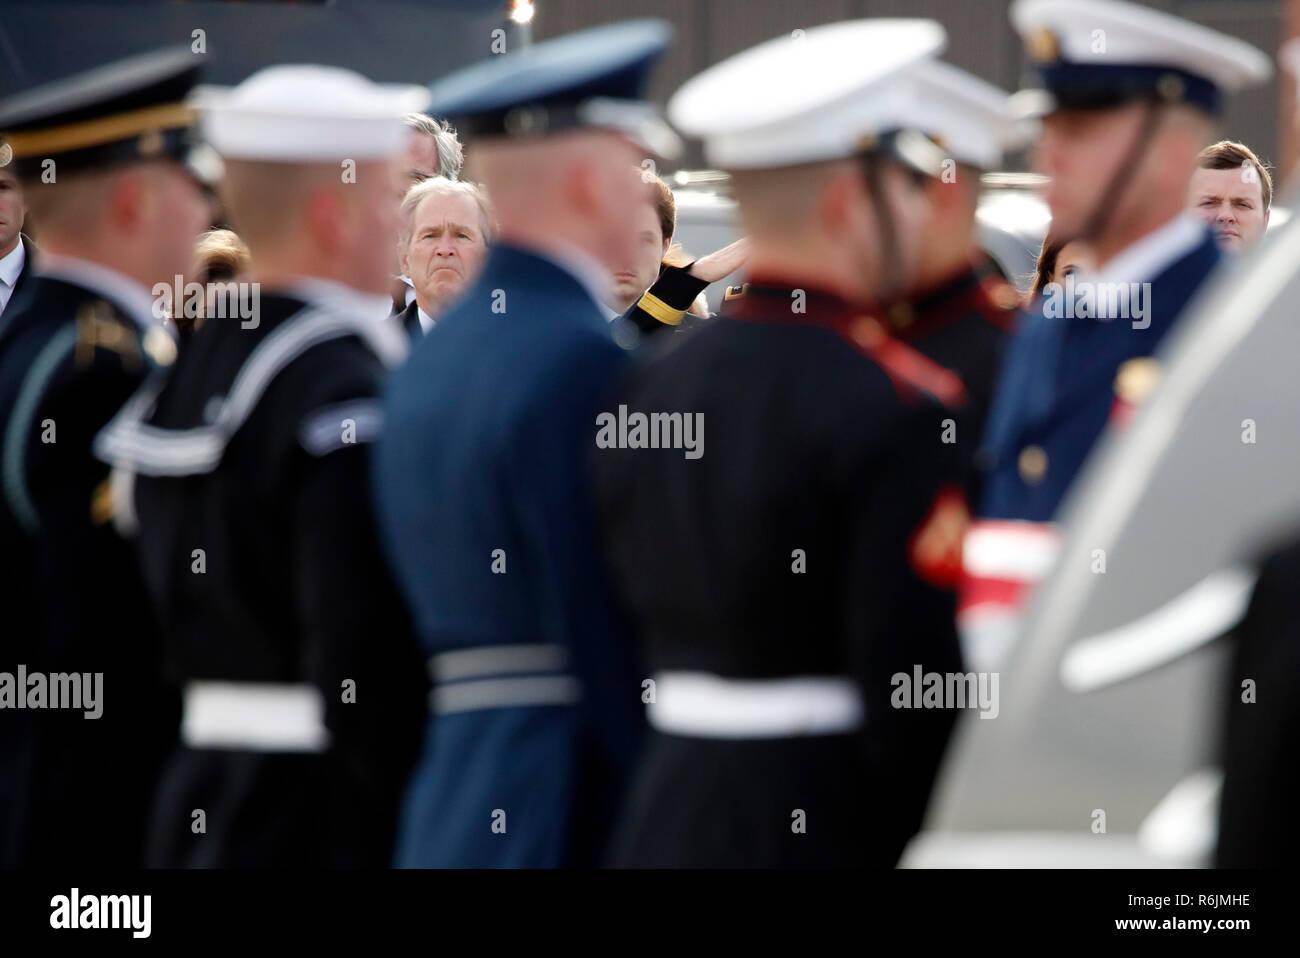 Ehemaliger Präsident George W. Bush Uhren wie die Flagge - drapierte Schatulle des ehemaligen Präsidenten George H.W. Bush wird durch einen gemeinsamen Dienstleistungen militärische Ehrengarde zu speziellen Mission 41, Mittwoch, Dezember 5, 2018 durchgeführt, an der Andrews Air Force Base, Md. Credit: Alex Brandon/Pool über CNP/MediaPunch Stockfoto